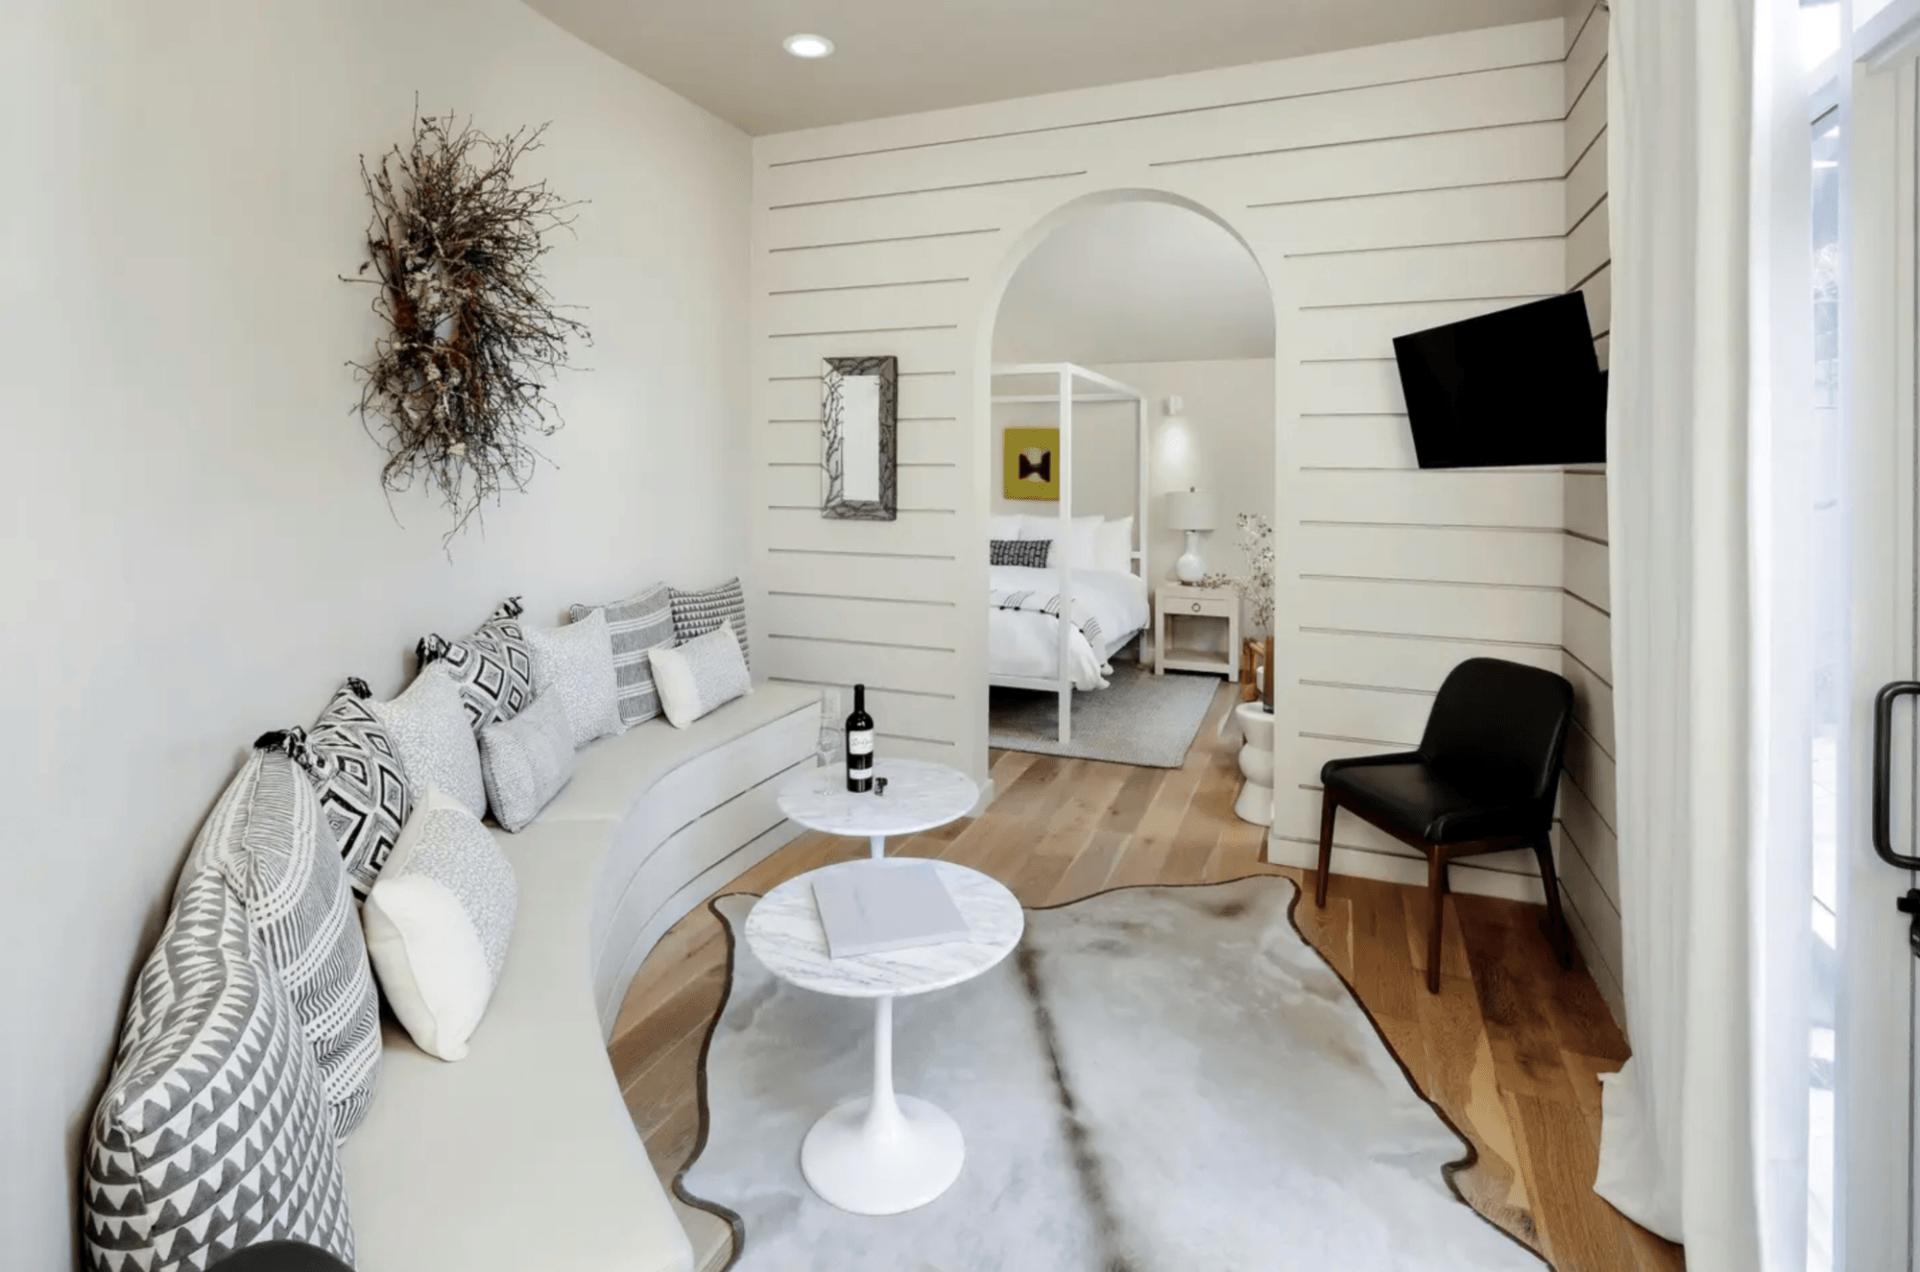 Airbnb Healdsburg: Best of the Best